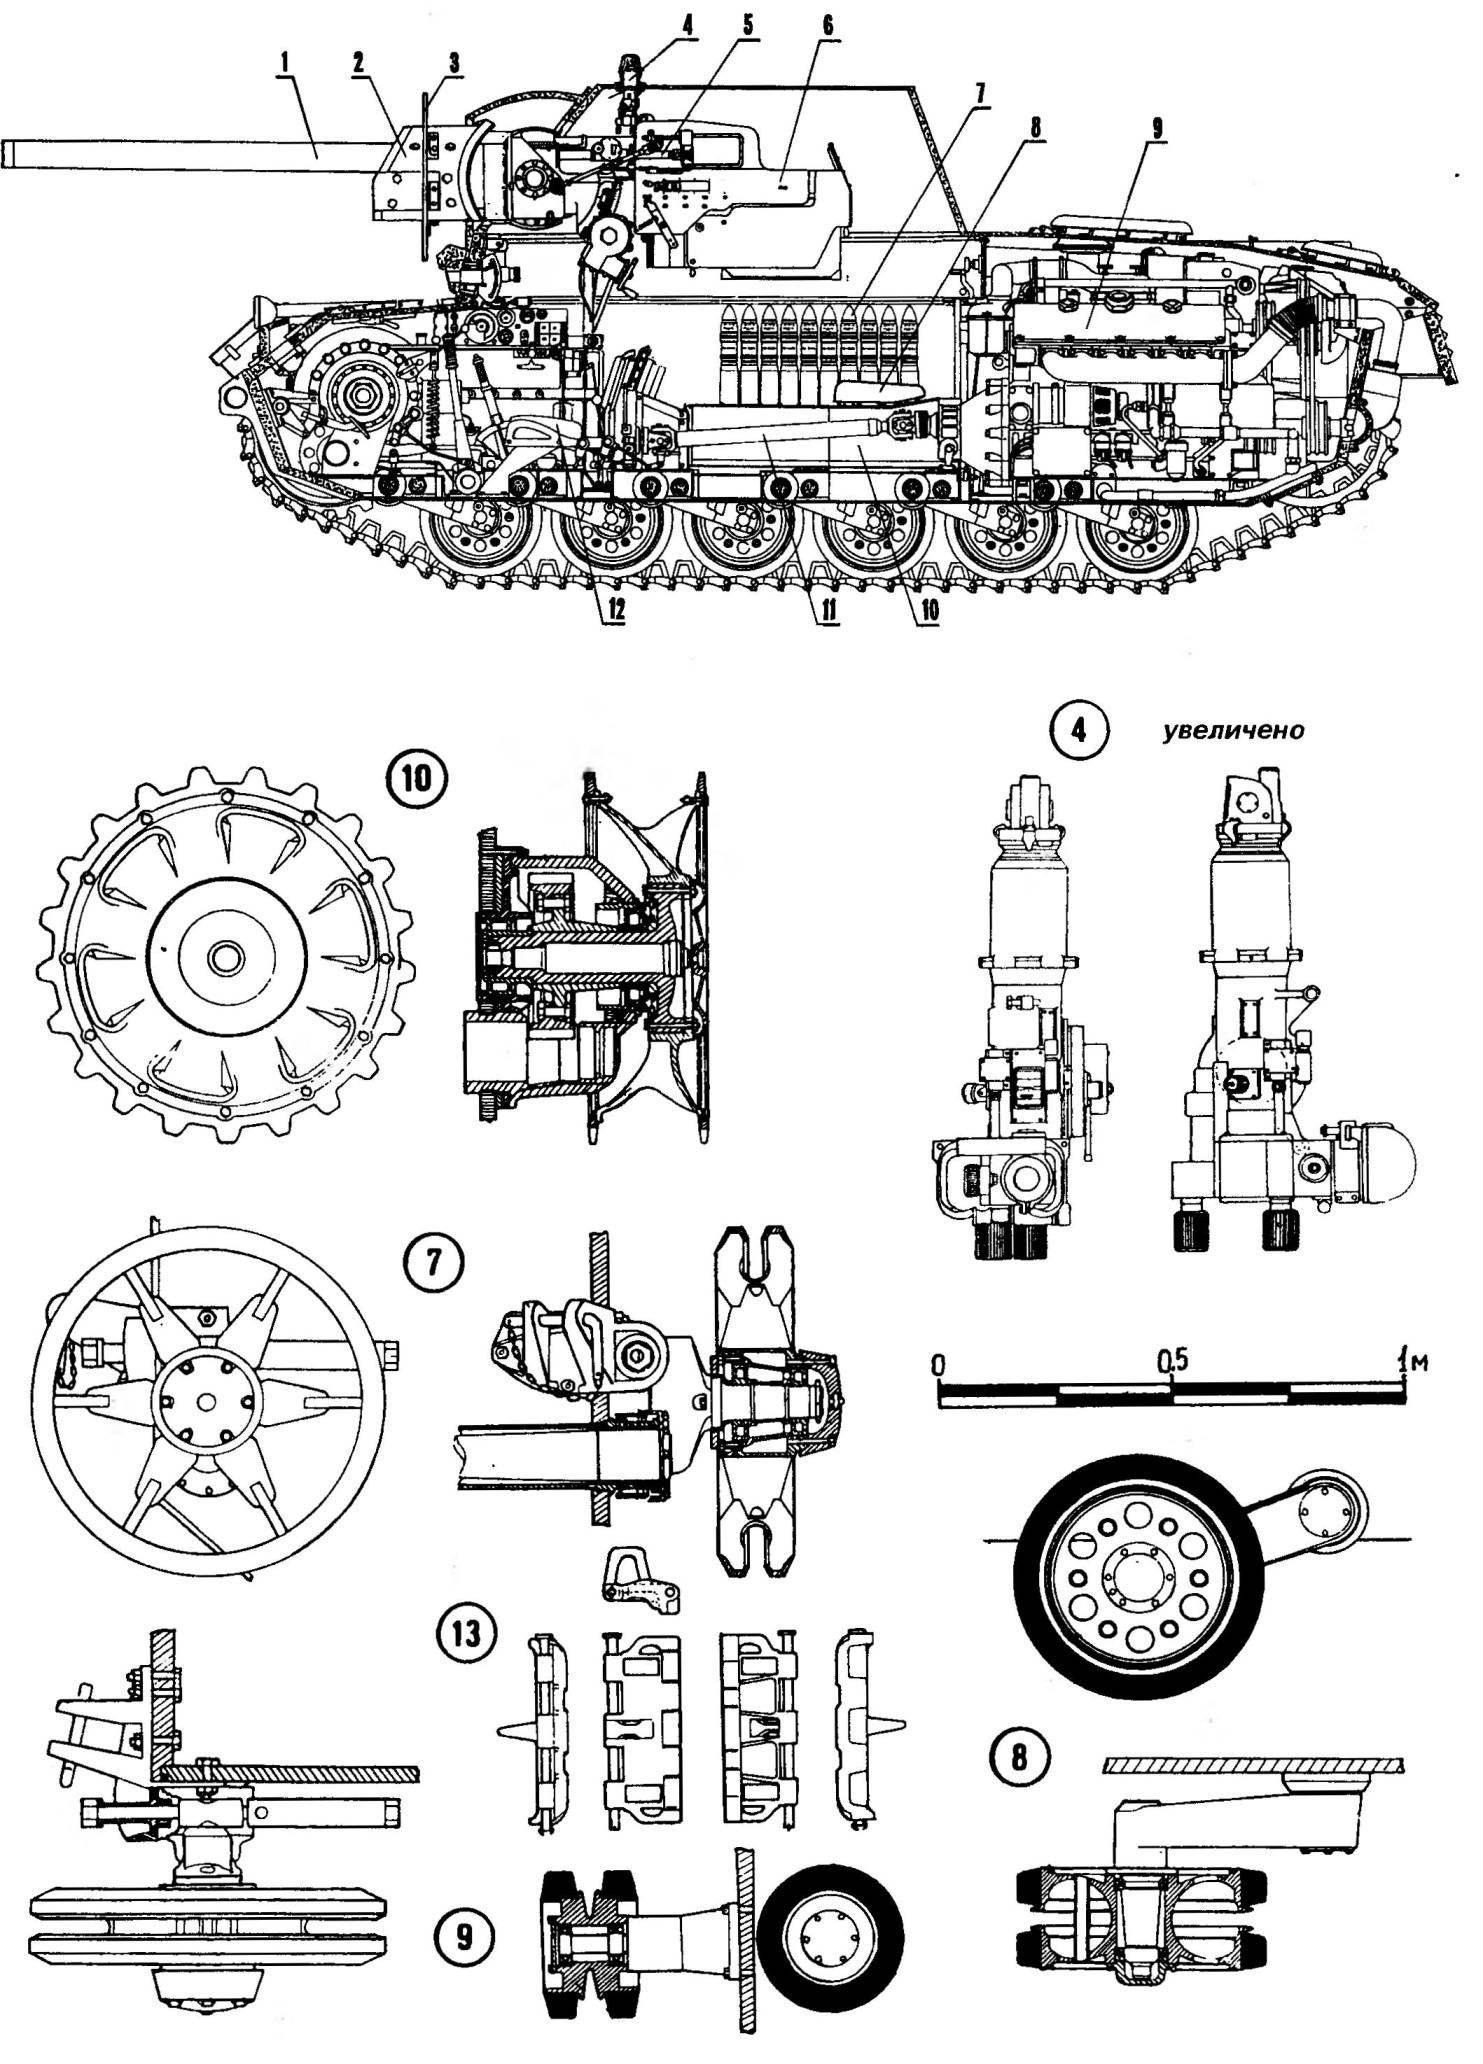 Компоновка СУ-76И